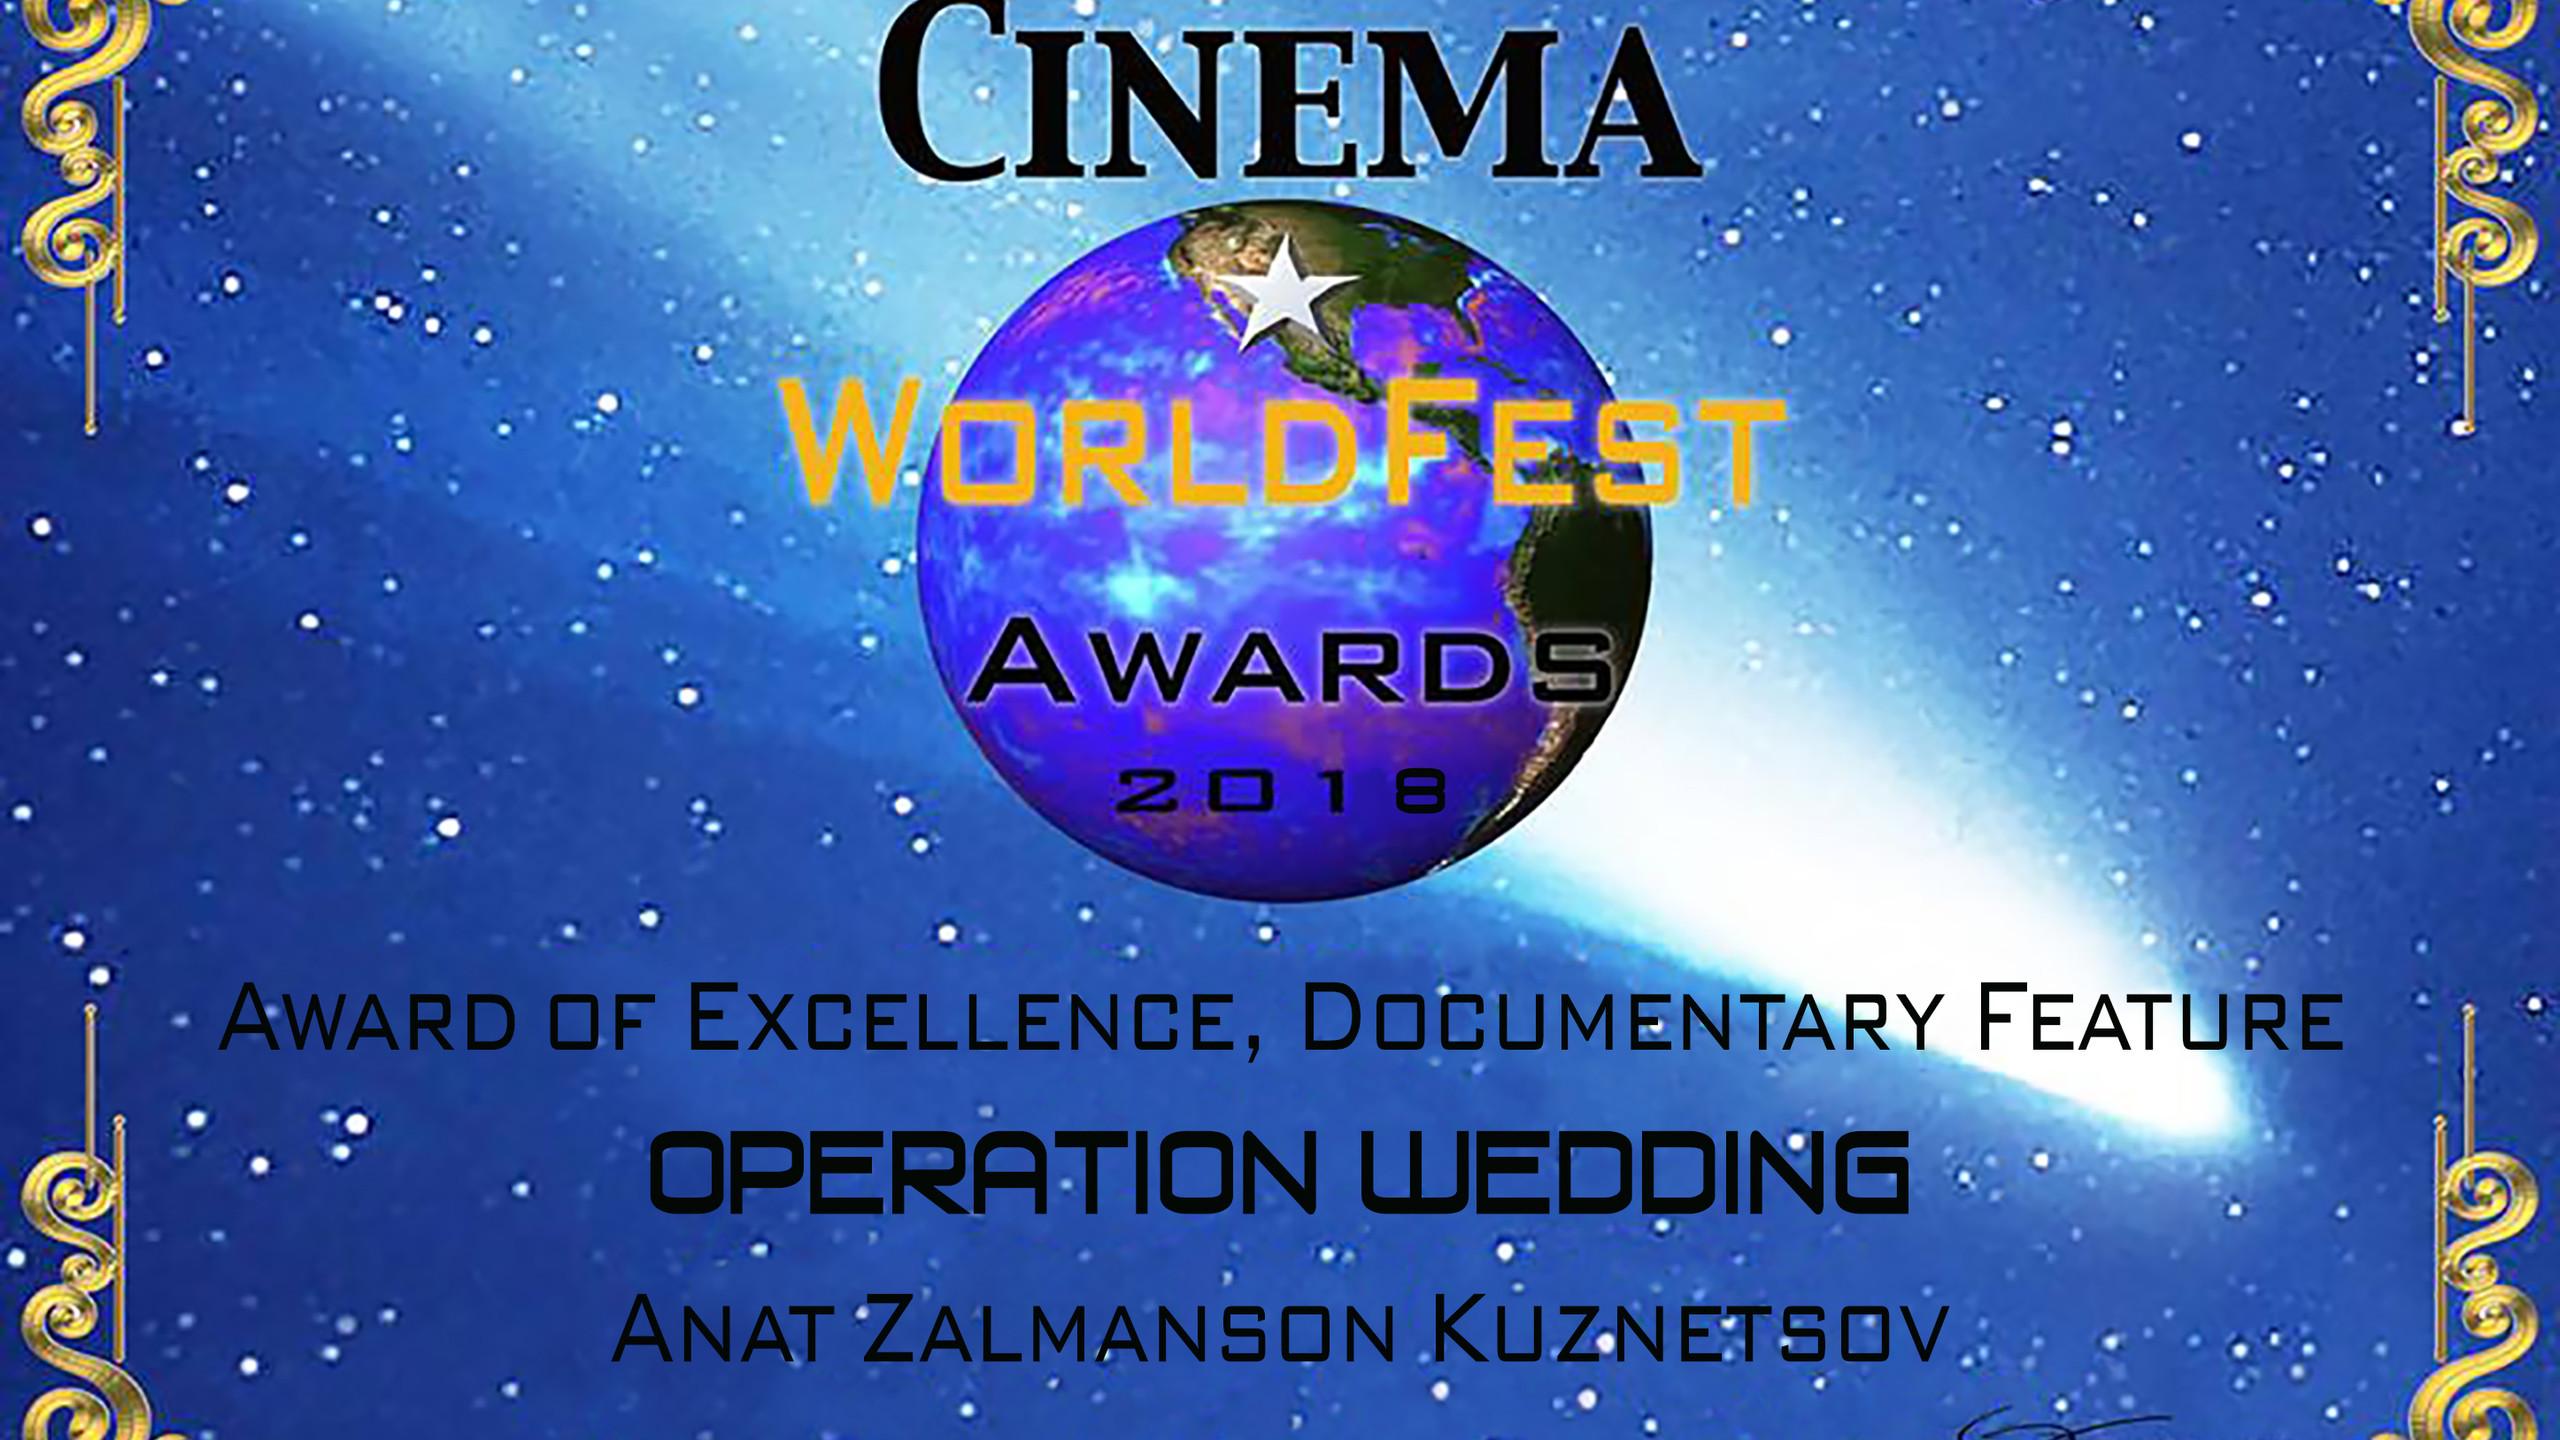 Cinema WorldFest Win Certificate Operati